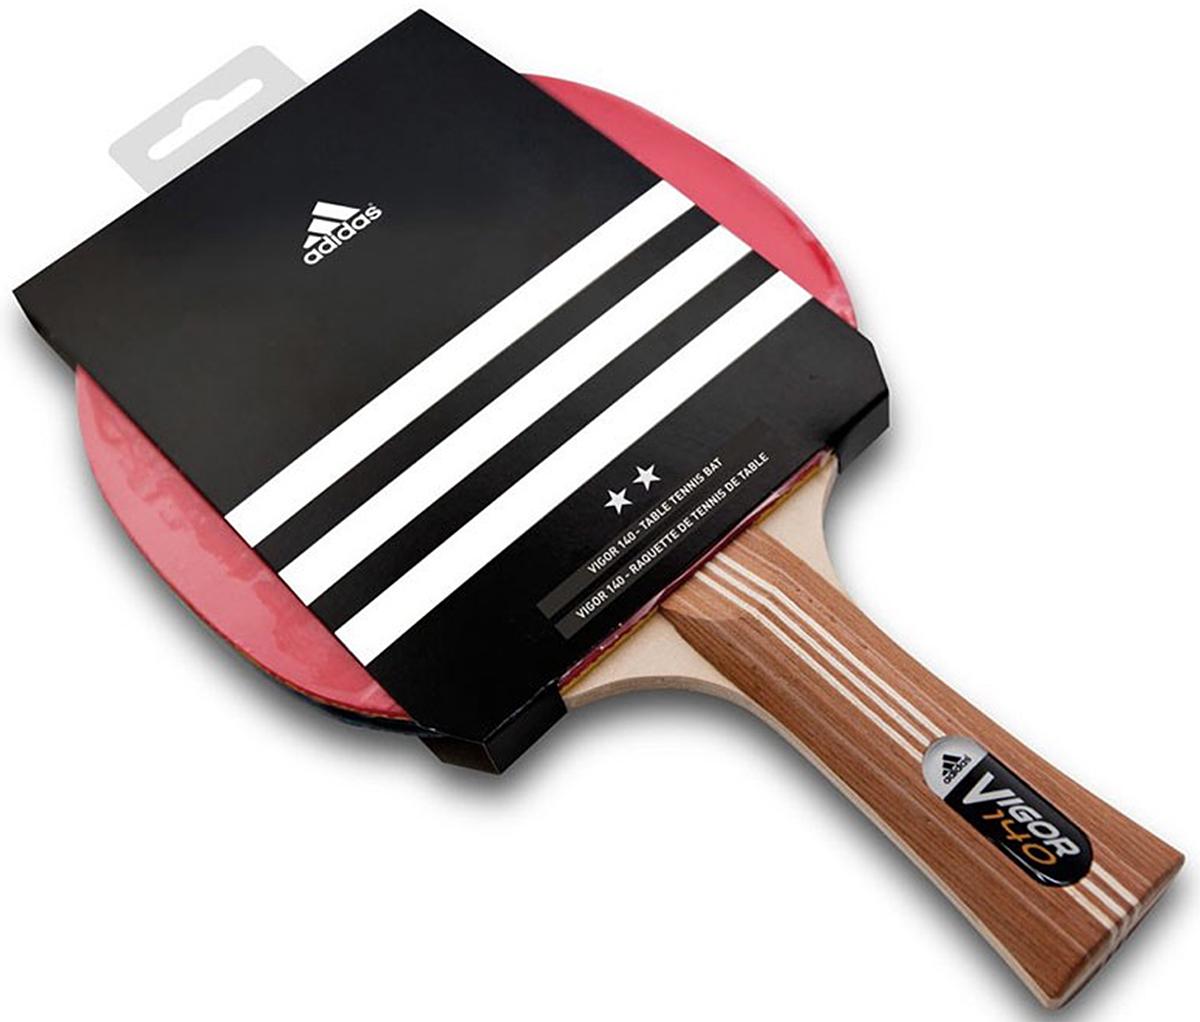 Ракетка для настольного тенниса Adidas Vigor 140, цвет: красныйAGF-12463Ракетка для любительской игры и тренировок. Ракетка прекрасно подходит для любителей игры в настольный теннис, сочетая в себе высокий показатель контроля над мячом при хороших скорости и вращении. Накладка с губкой толщиной 1,8 мм, пятислойное основание, анатомическая ручка.Скорость: 90Вращение: 90Контроль: 80Тип ручки: FL